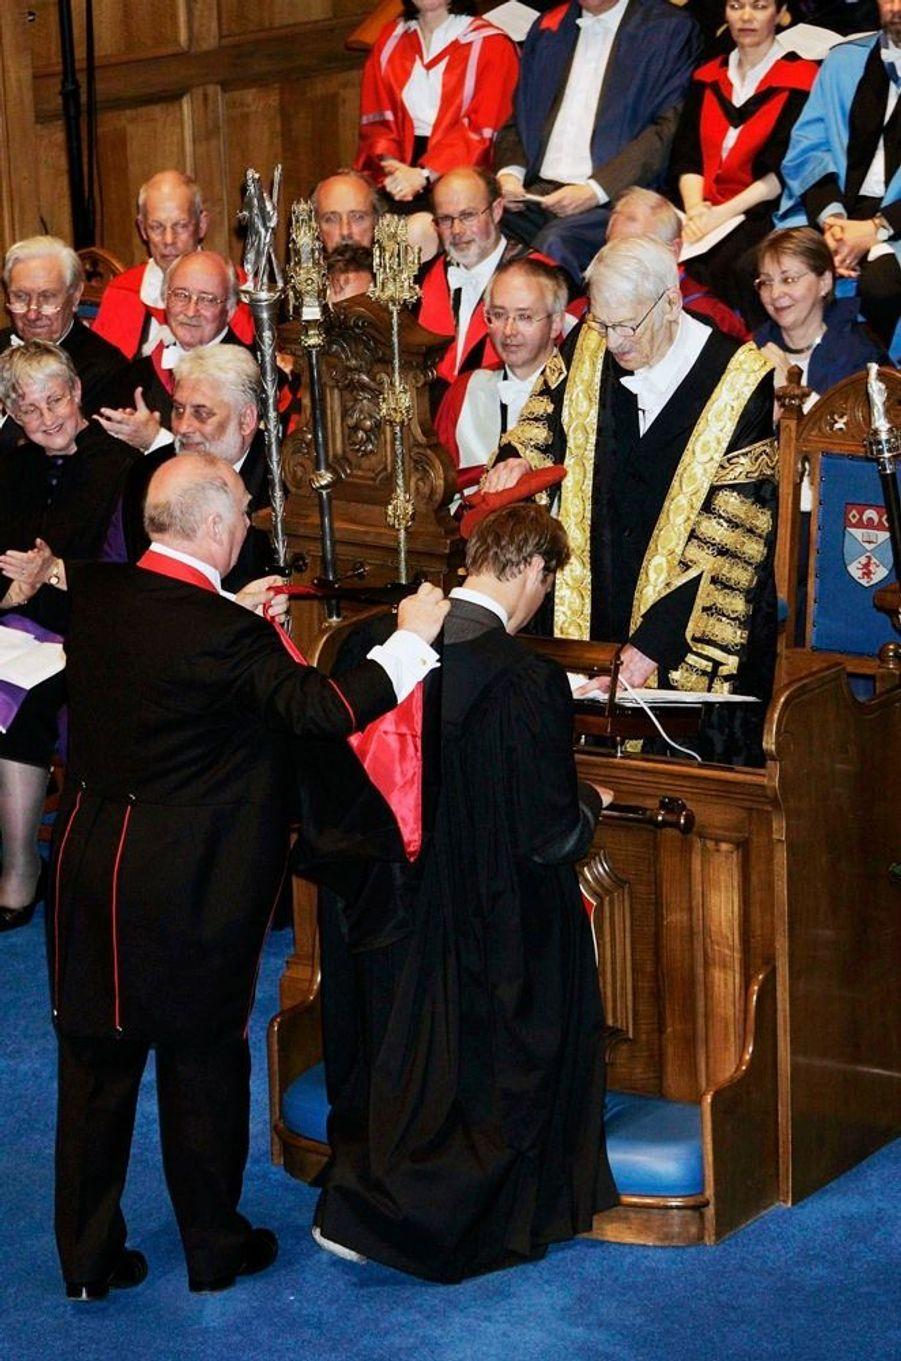 Le prince William lors de la cérémonie de remise des diplômes à l'université de St Andrews, en Ecosse, en juin 2005.